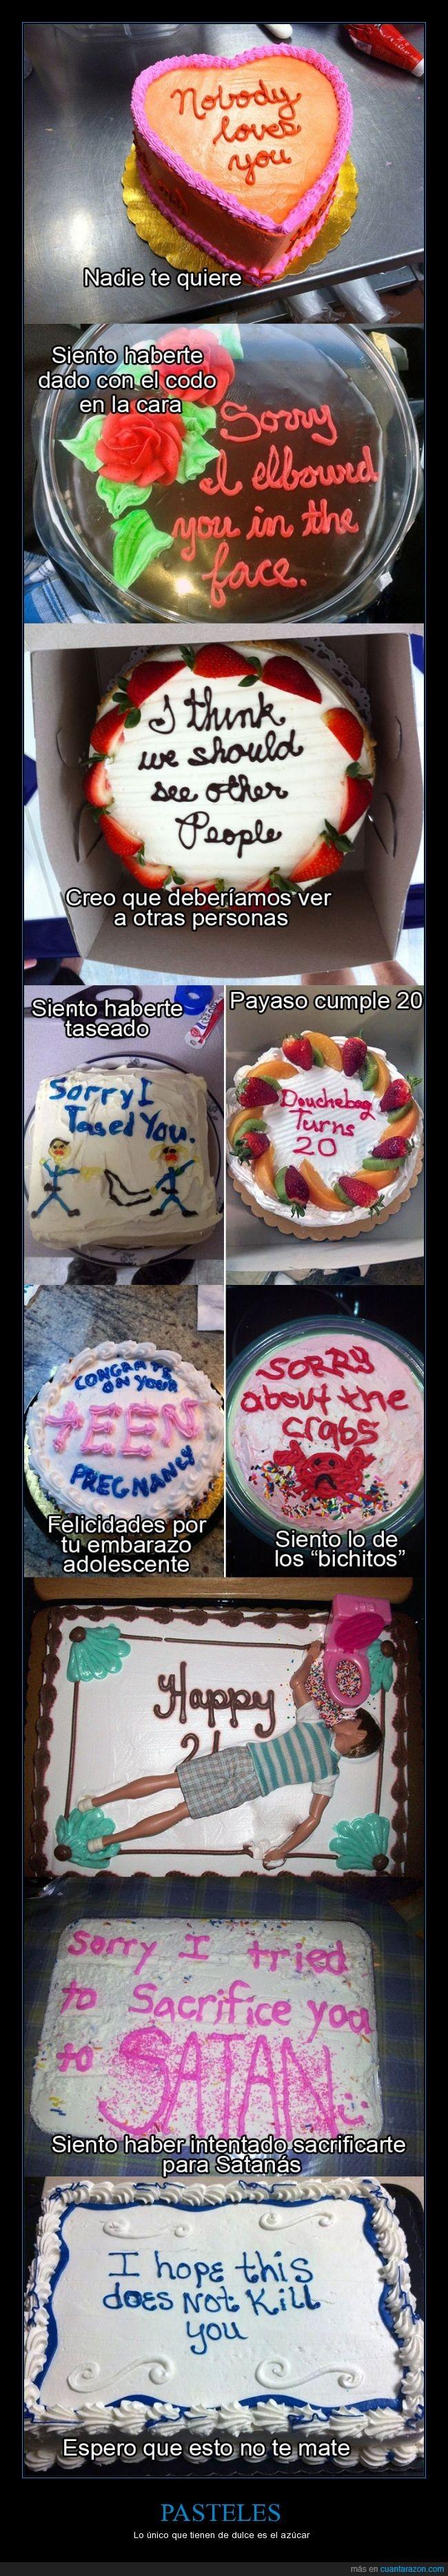 amor,cara,codo,comer,comida,cumpleaños,embarazo,matar,nadie,odio,pastel,quiere,satanas,tarta,taser